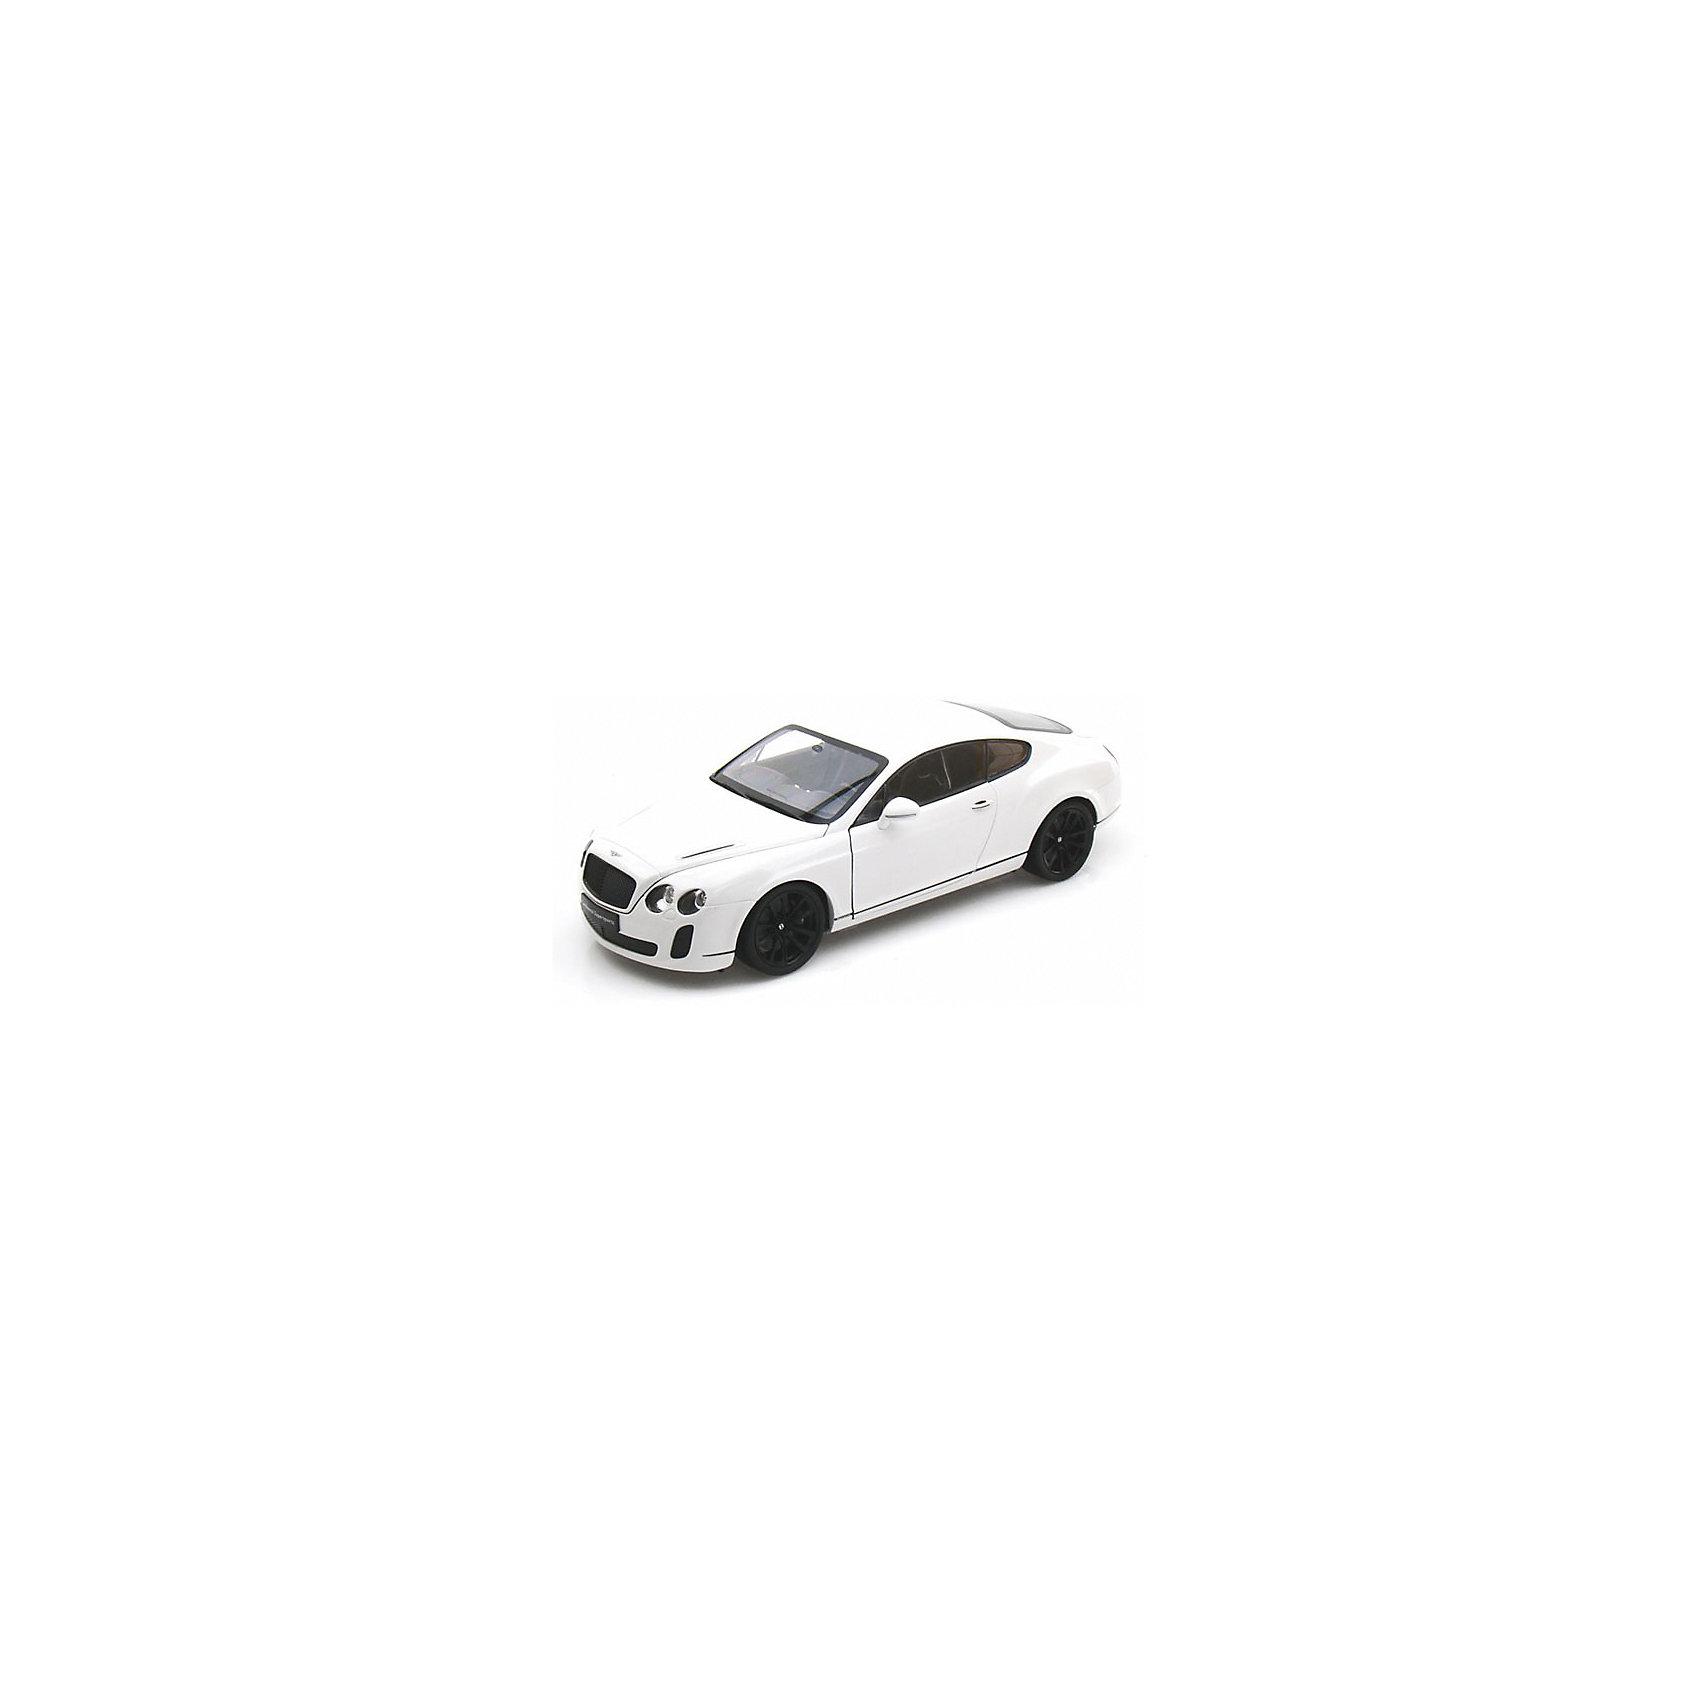 Модель машины 1:18 Bentley Continental Supersports, WellyКоллекционные модели<br>Коллекционная модель машины Welly  Bentley Continental Supersports, выполненная в масштабе 1:18. Эта респектабельная машина-купе выглядит очень современно и солидно, и по праву считается люксовой маркой.<br>Игрушка функциональна: вращаются колеса, открываются двери и капот. Тщательно детализирована: проработан интерьер салона и содержимое капота.  Обратите внимание, машина представлена в цветовом ассортименте, выбранный вариант в поставке не гарантирован.<br><br>Ширина мм: 160<br>Глубина мм: 130<br>Высота мм: 330<br>Вес г: 1233<br>Возраст от месяцев: 36<br>Возраст до месяцев: 192<br>Пол: Мужской<br>Возраст: Детский<br>SKU: 4966478